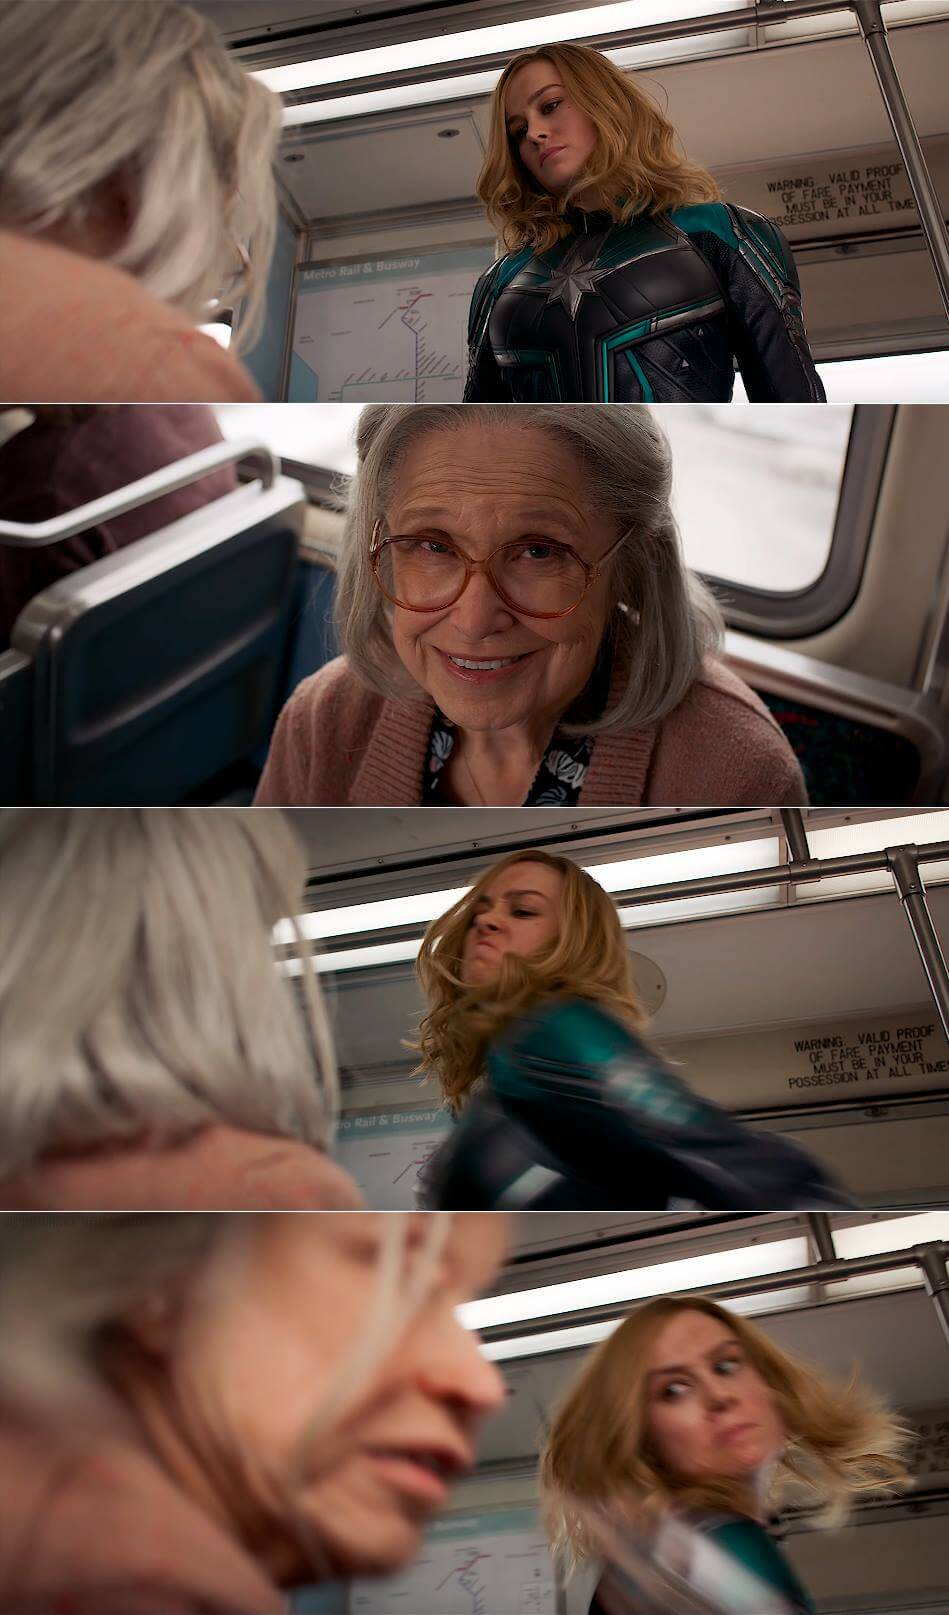 Ir a la pagina de la plantilla Captain Marvel golpeando a una abuela.